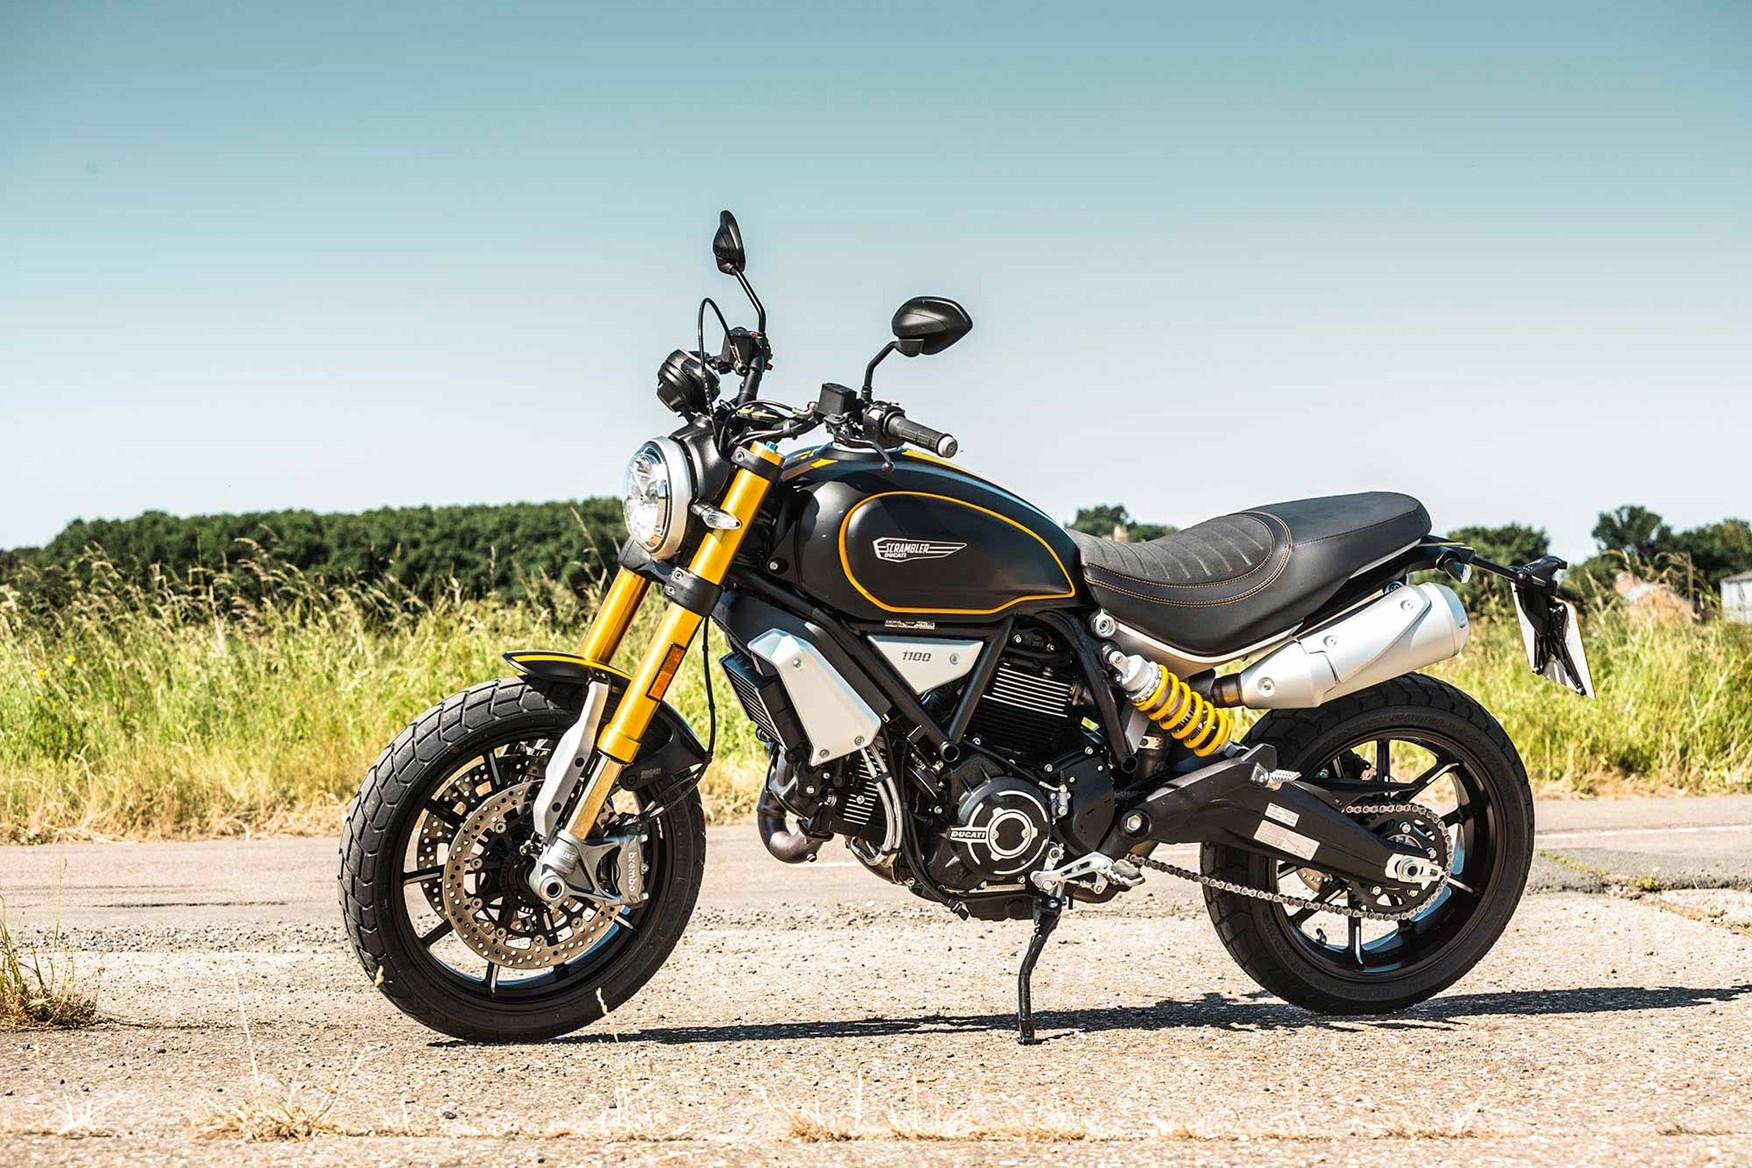 Ducati Scrambler 1100 Sport: 'Costly But Cool